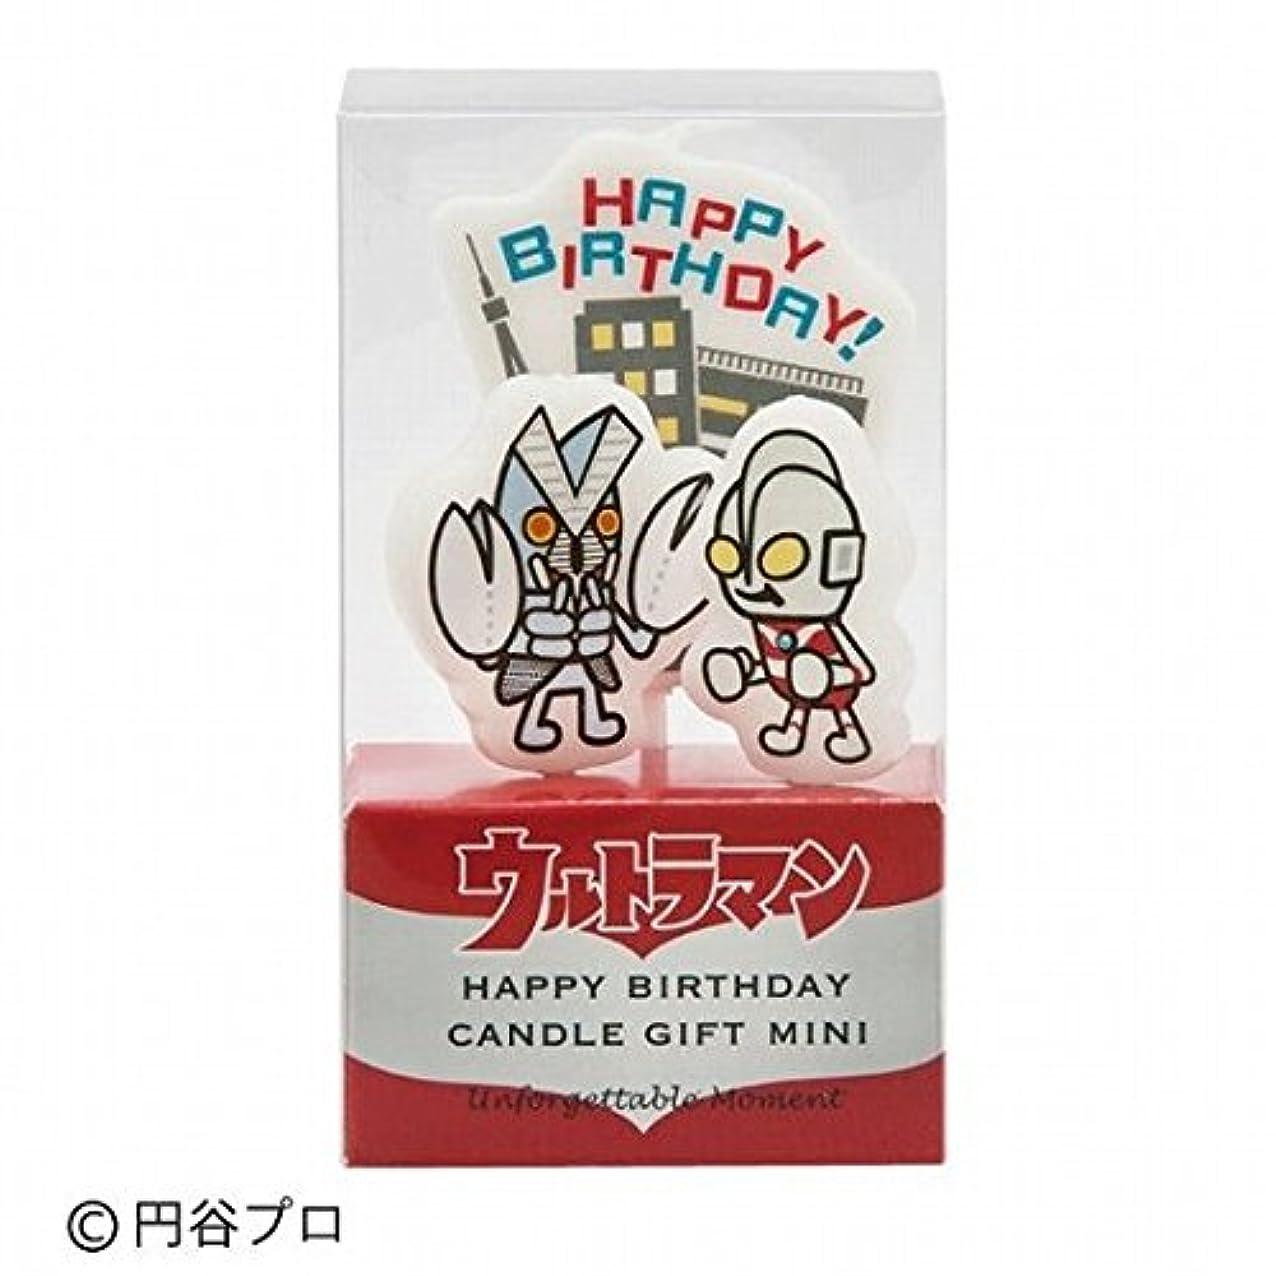 指登山家クリップ蝶kameyama candle(カメヤマキャンドル) ウルトラマンキャンドルギフトミニ 「 ハッピーバースデー 」(55360060)